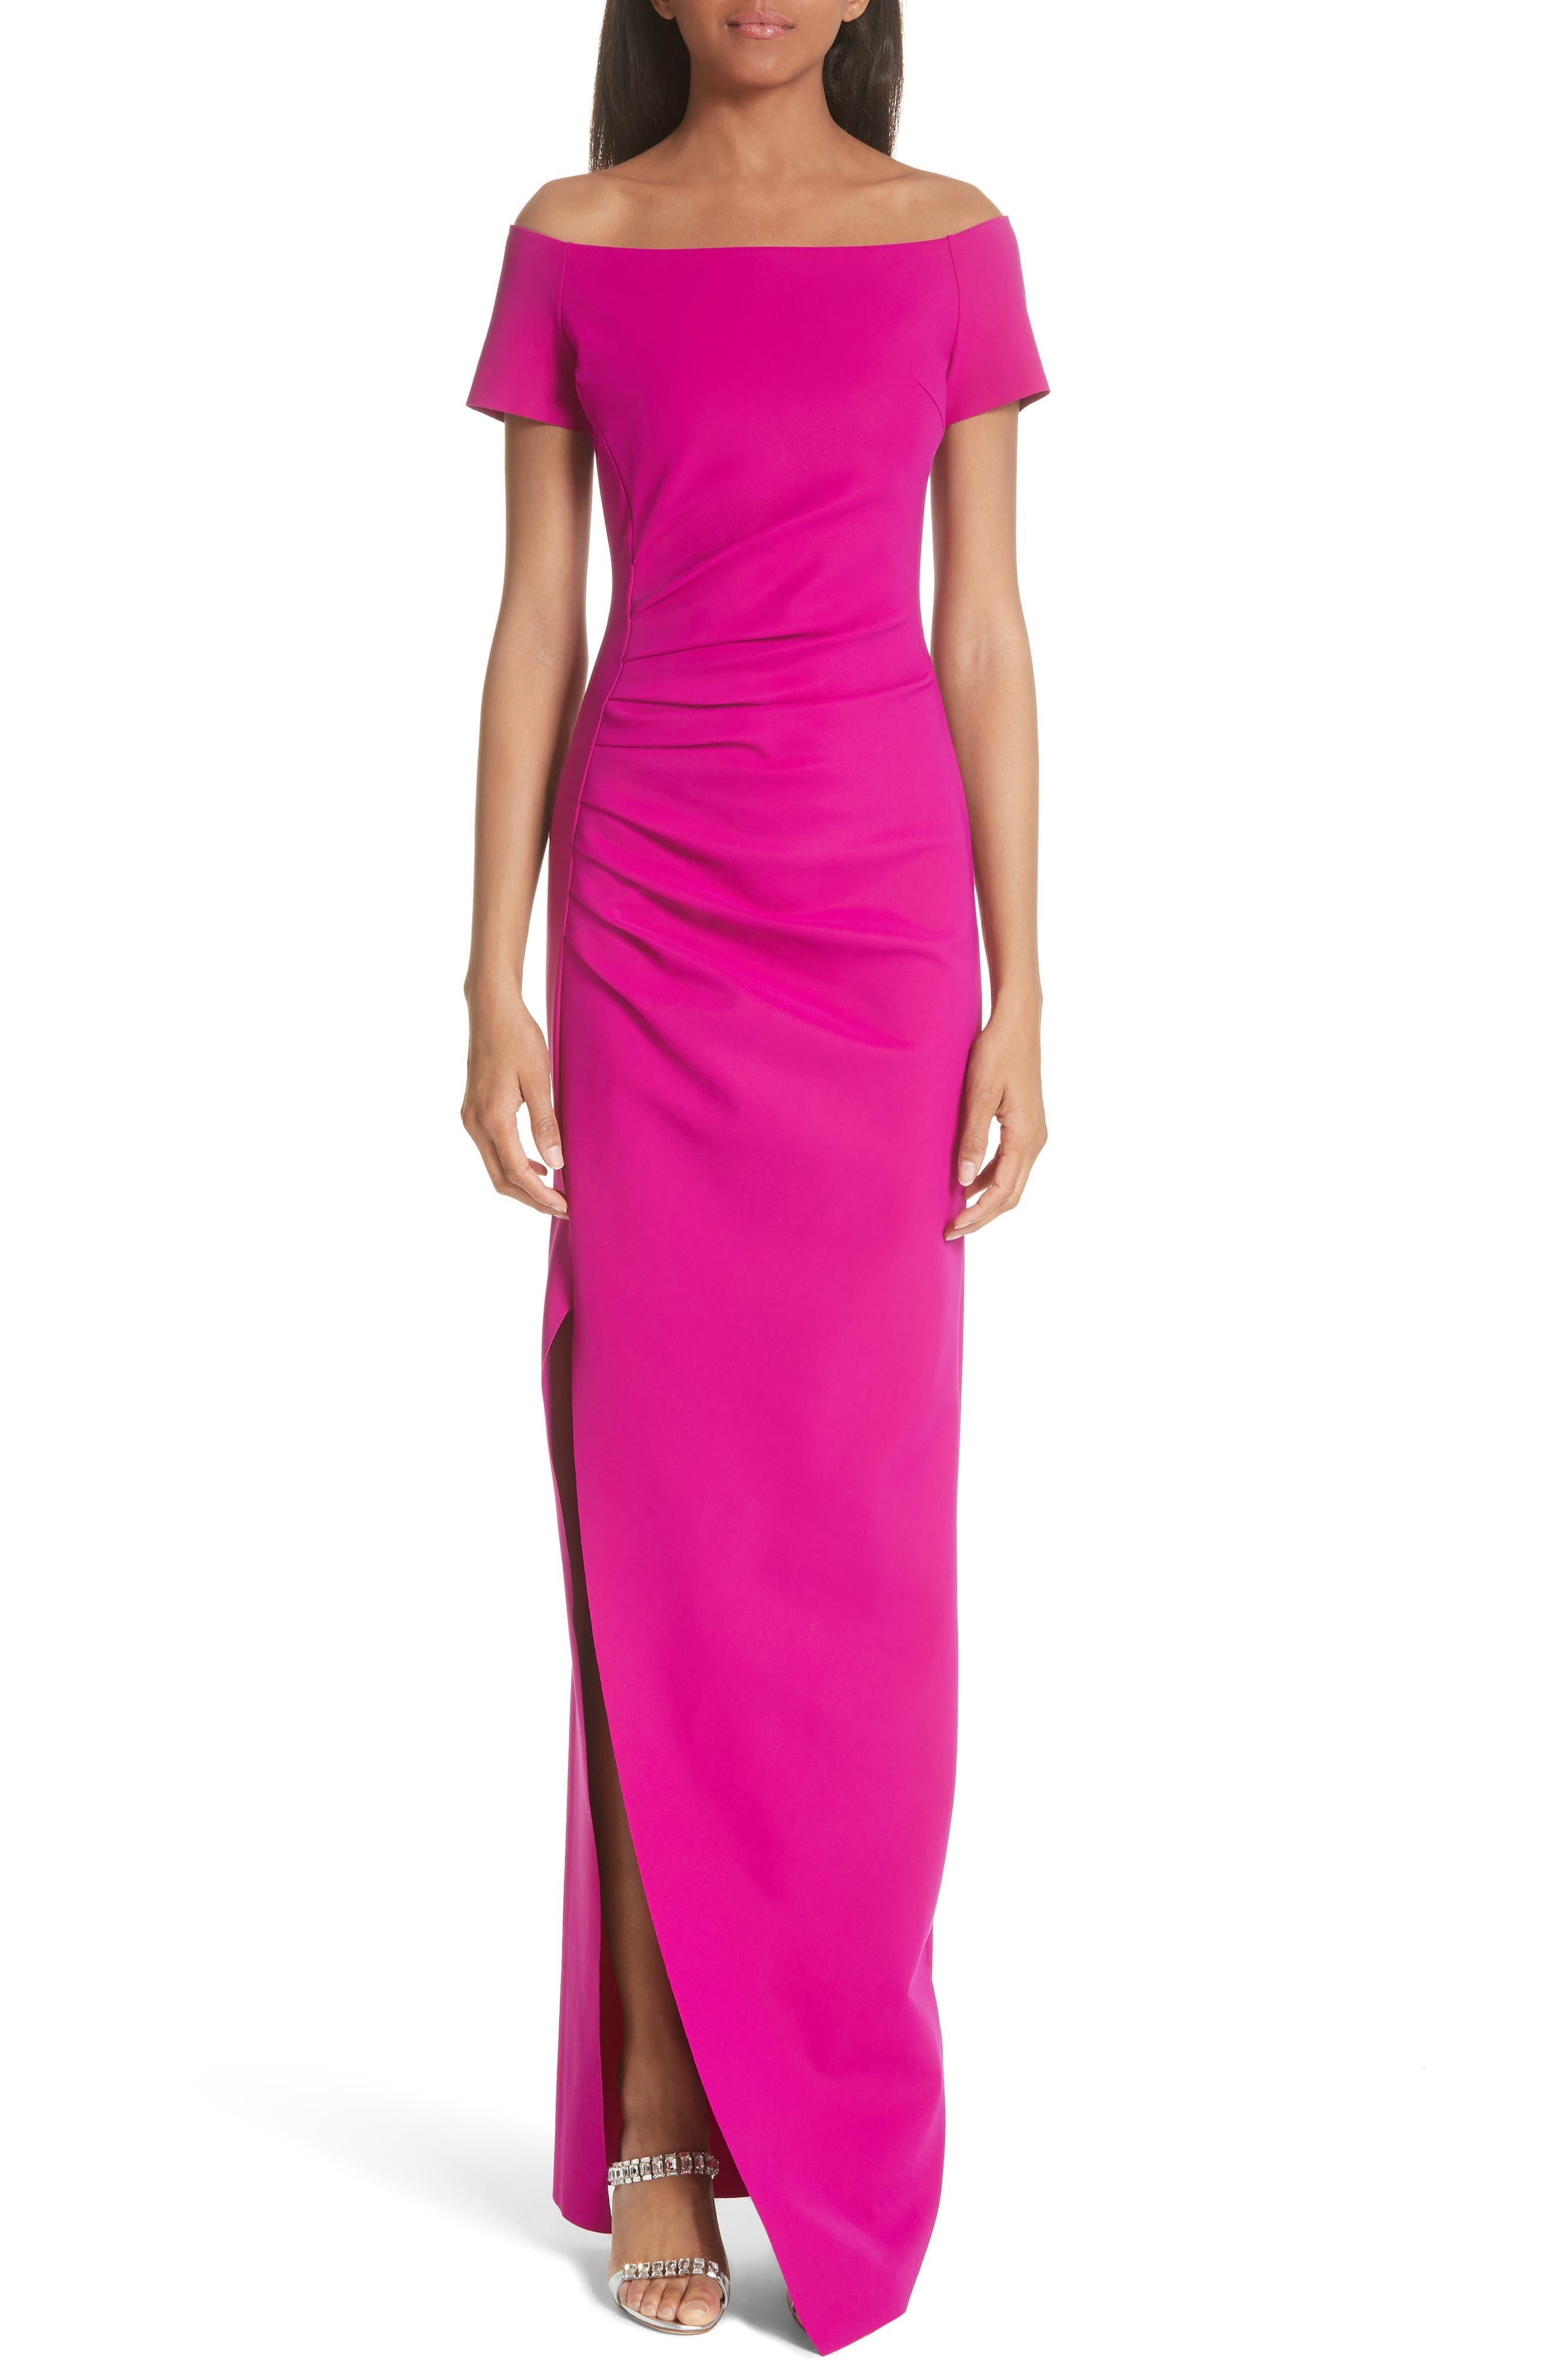 Chiara Boni La Petite Robe Divis Off The Shoulder Column Gown, 6 IT - Pink